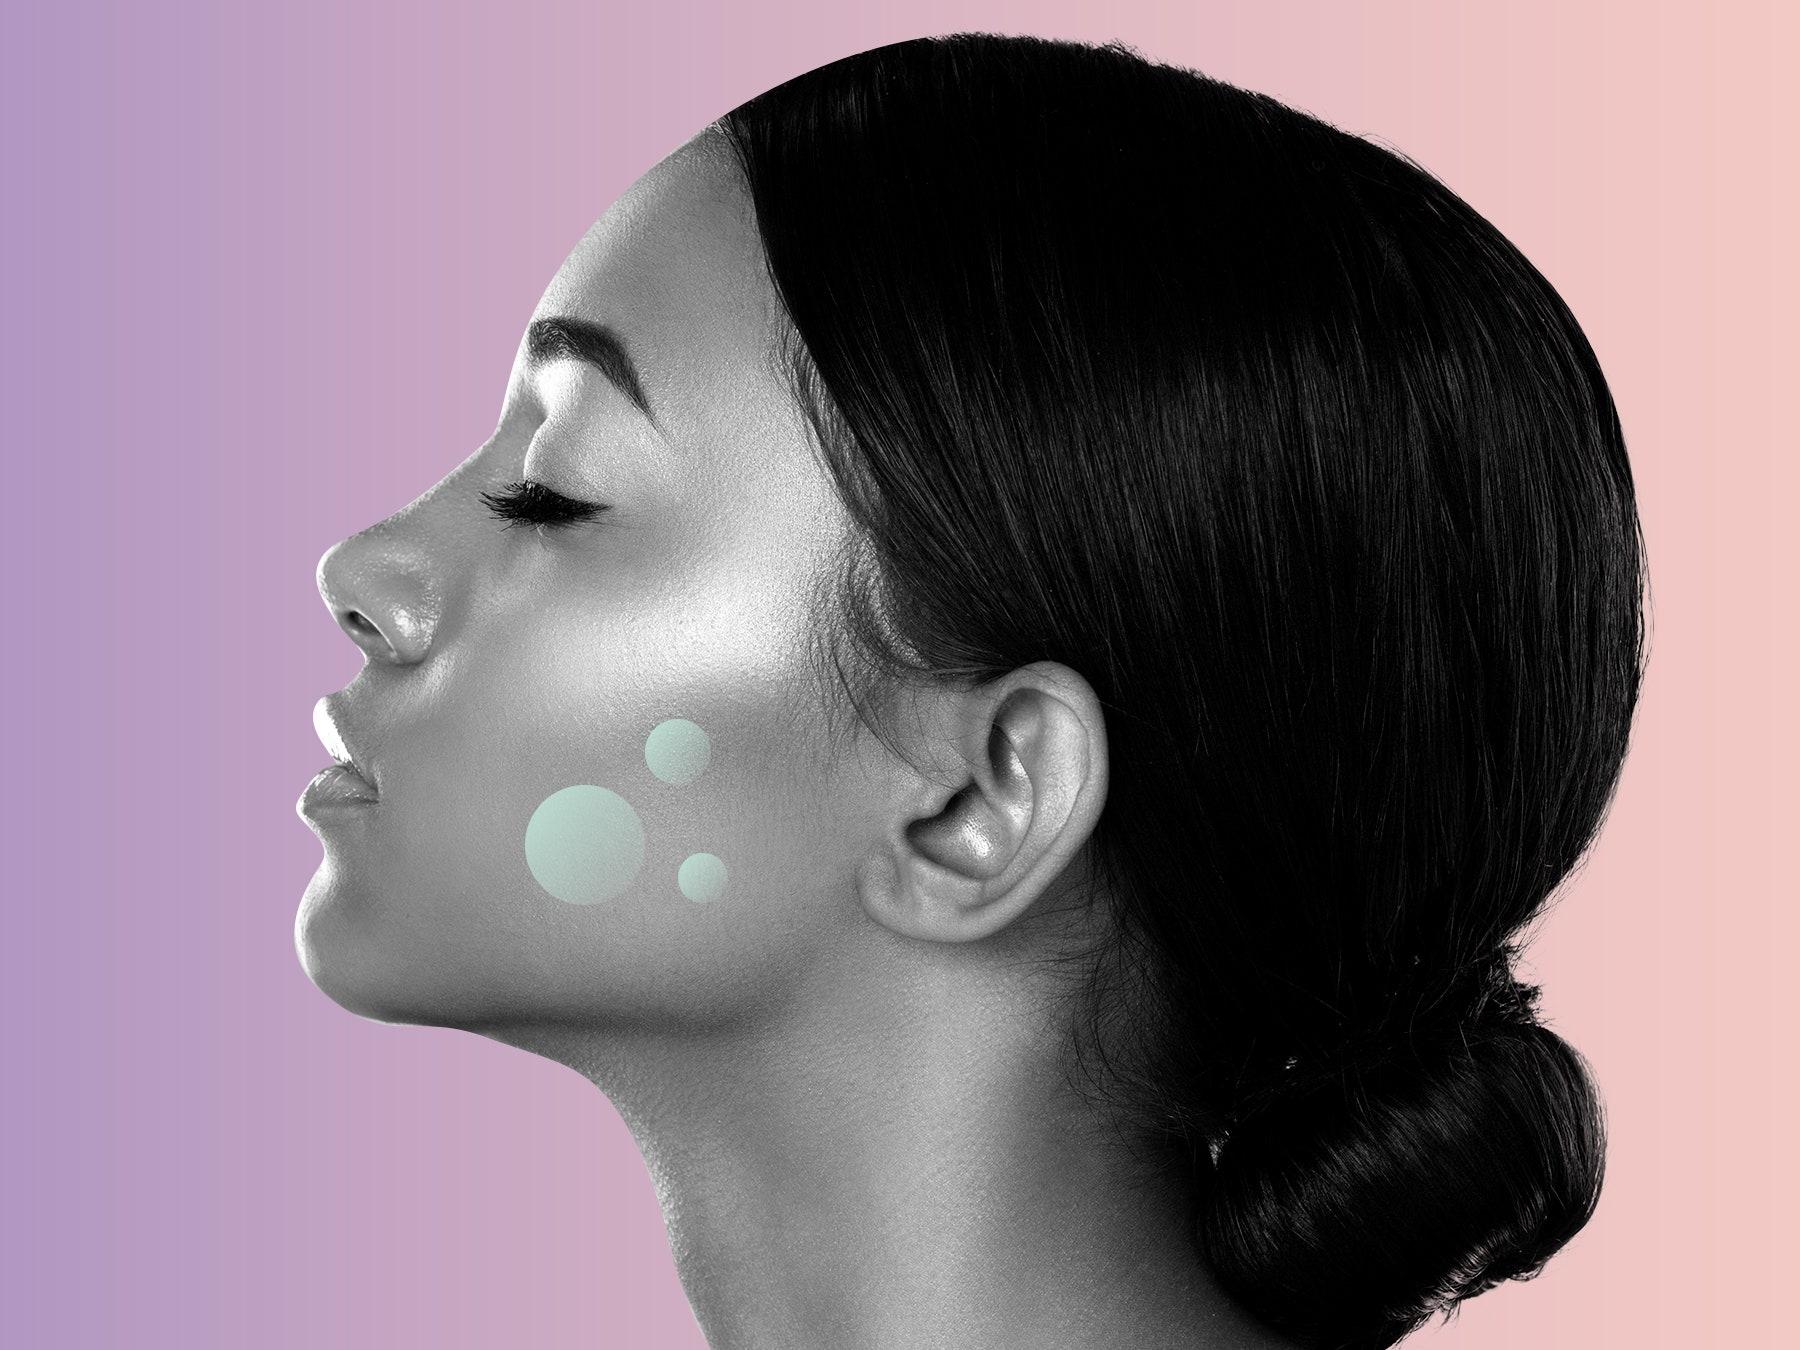 Đặc điểm phân biệt rối loạn tăng sắc tố da mặt